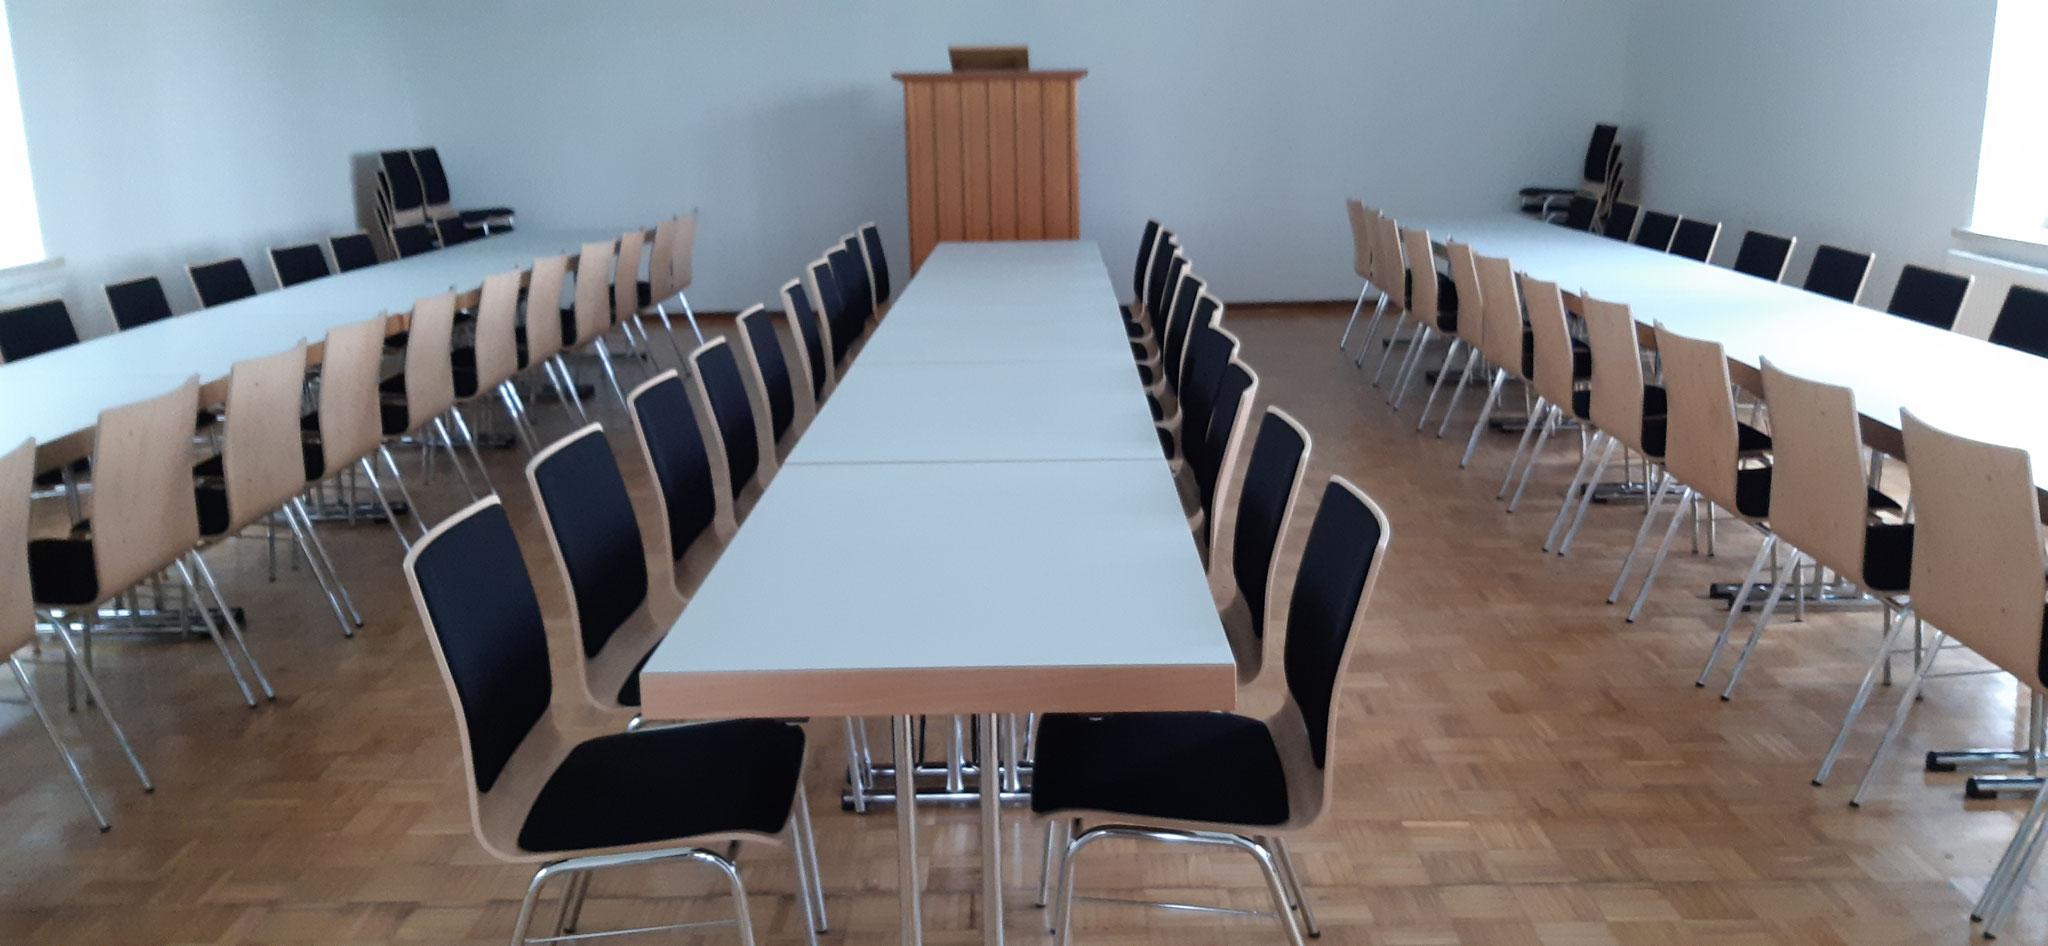 Saal unten für bis zu 80 Personen